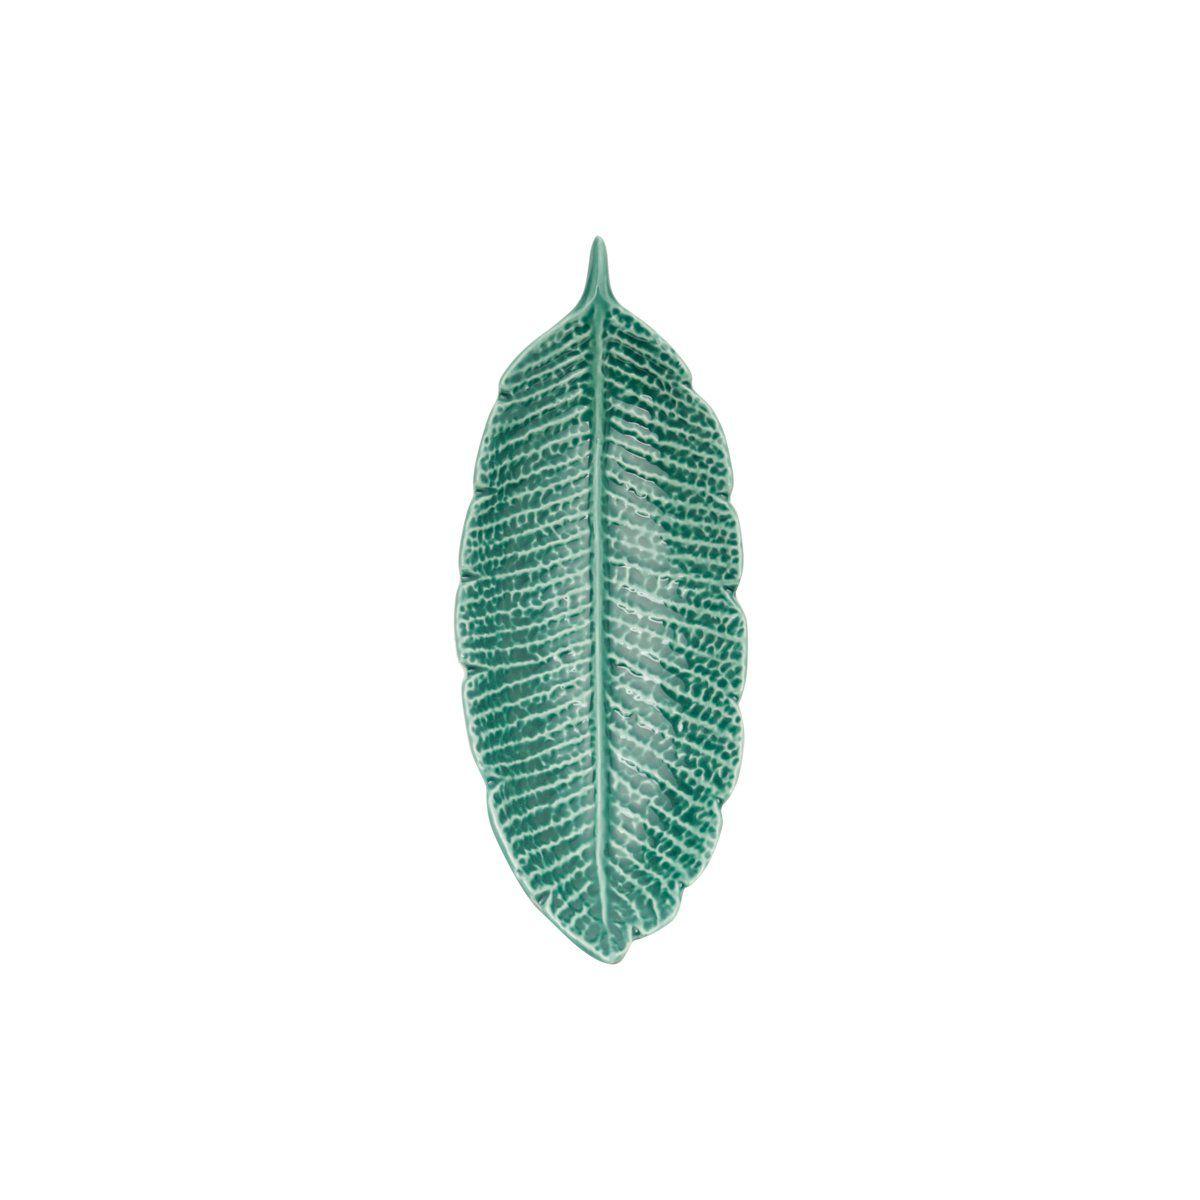 Folha decorativa 16 x 6,5 cm de porcelana verde Pachira Prestige - 26873